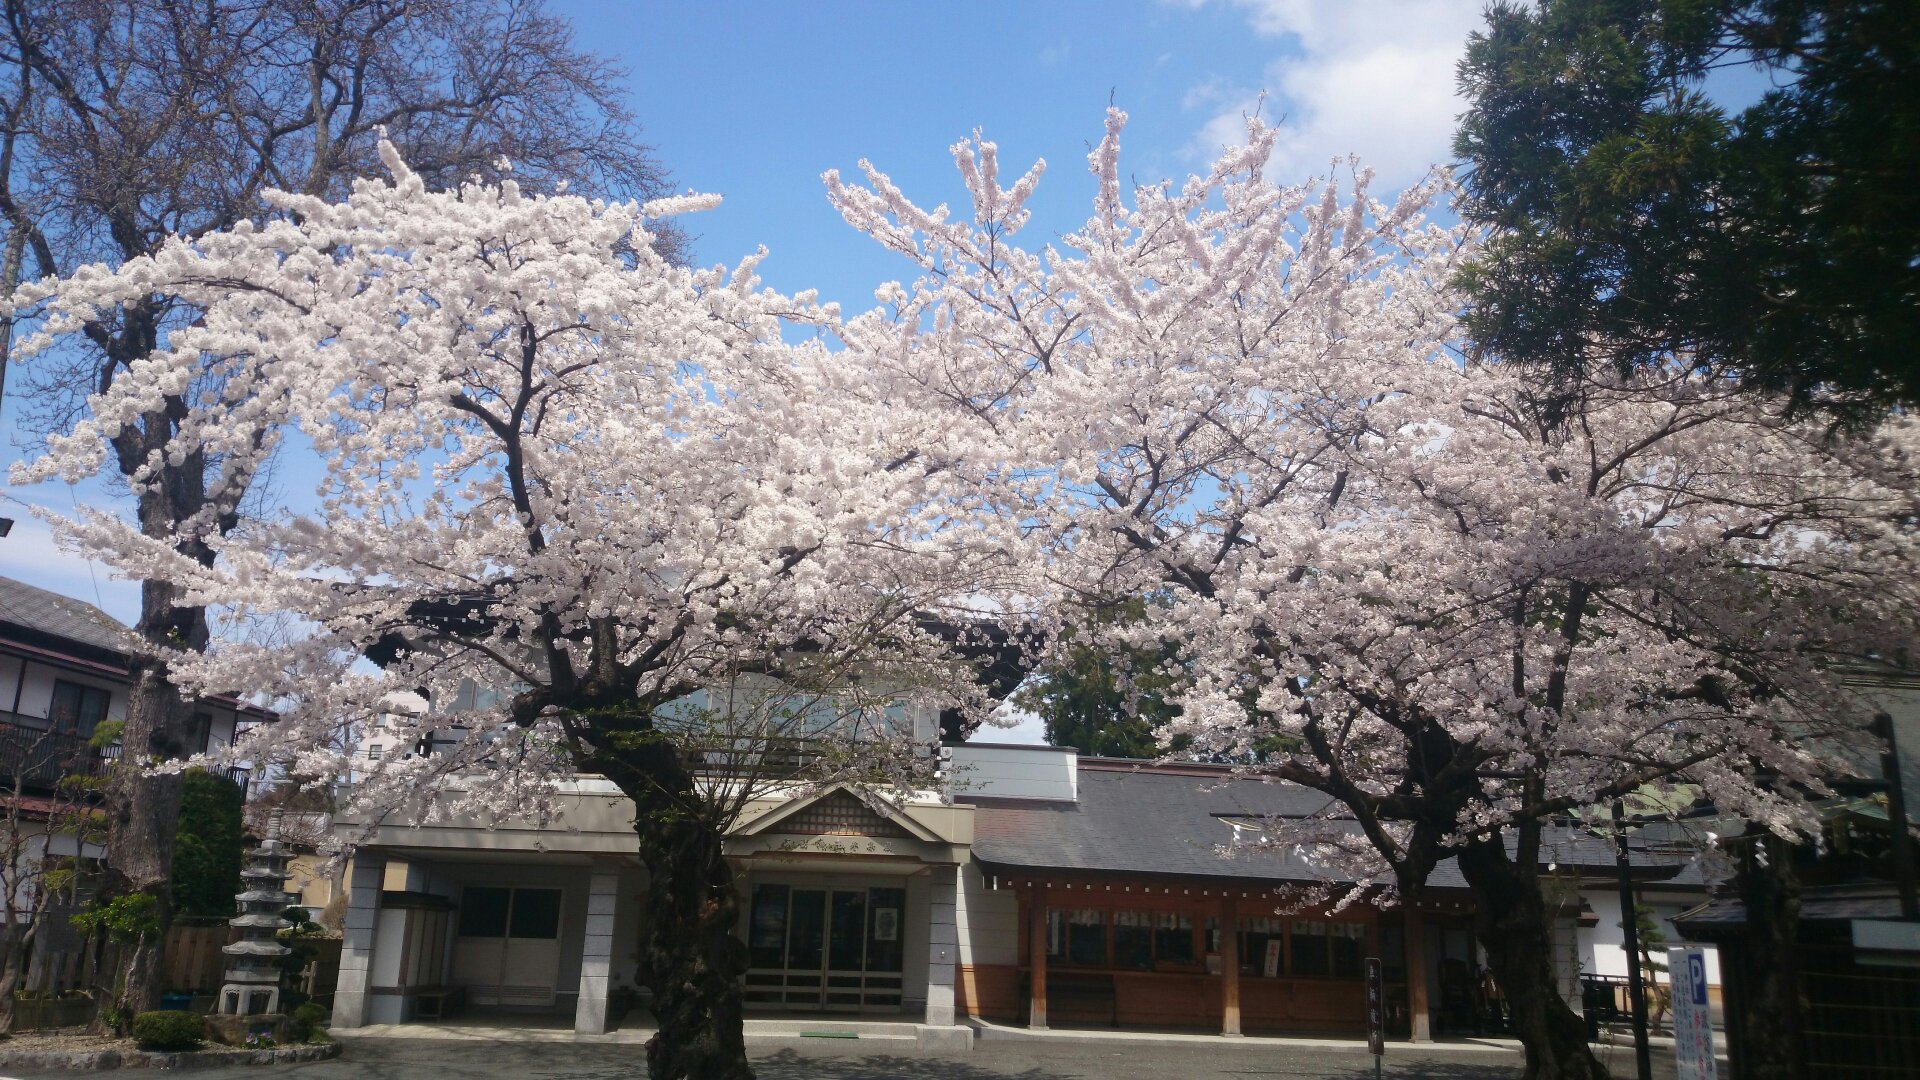 2014年4月22日の諏訪神社境内のさくら